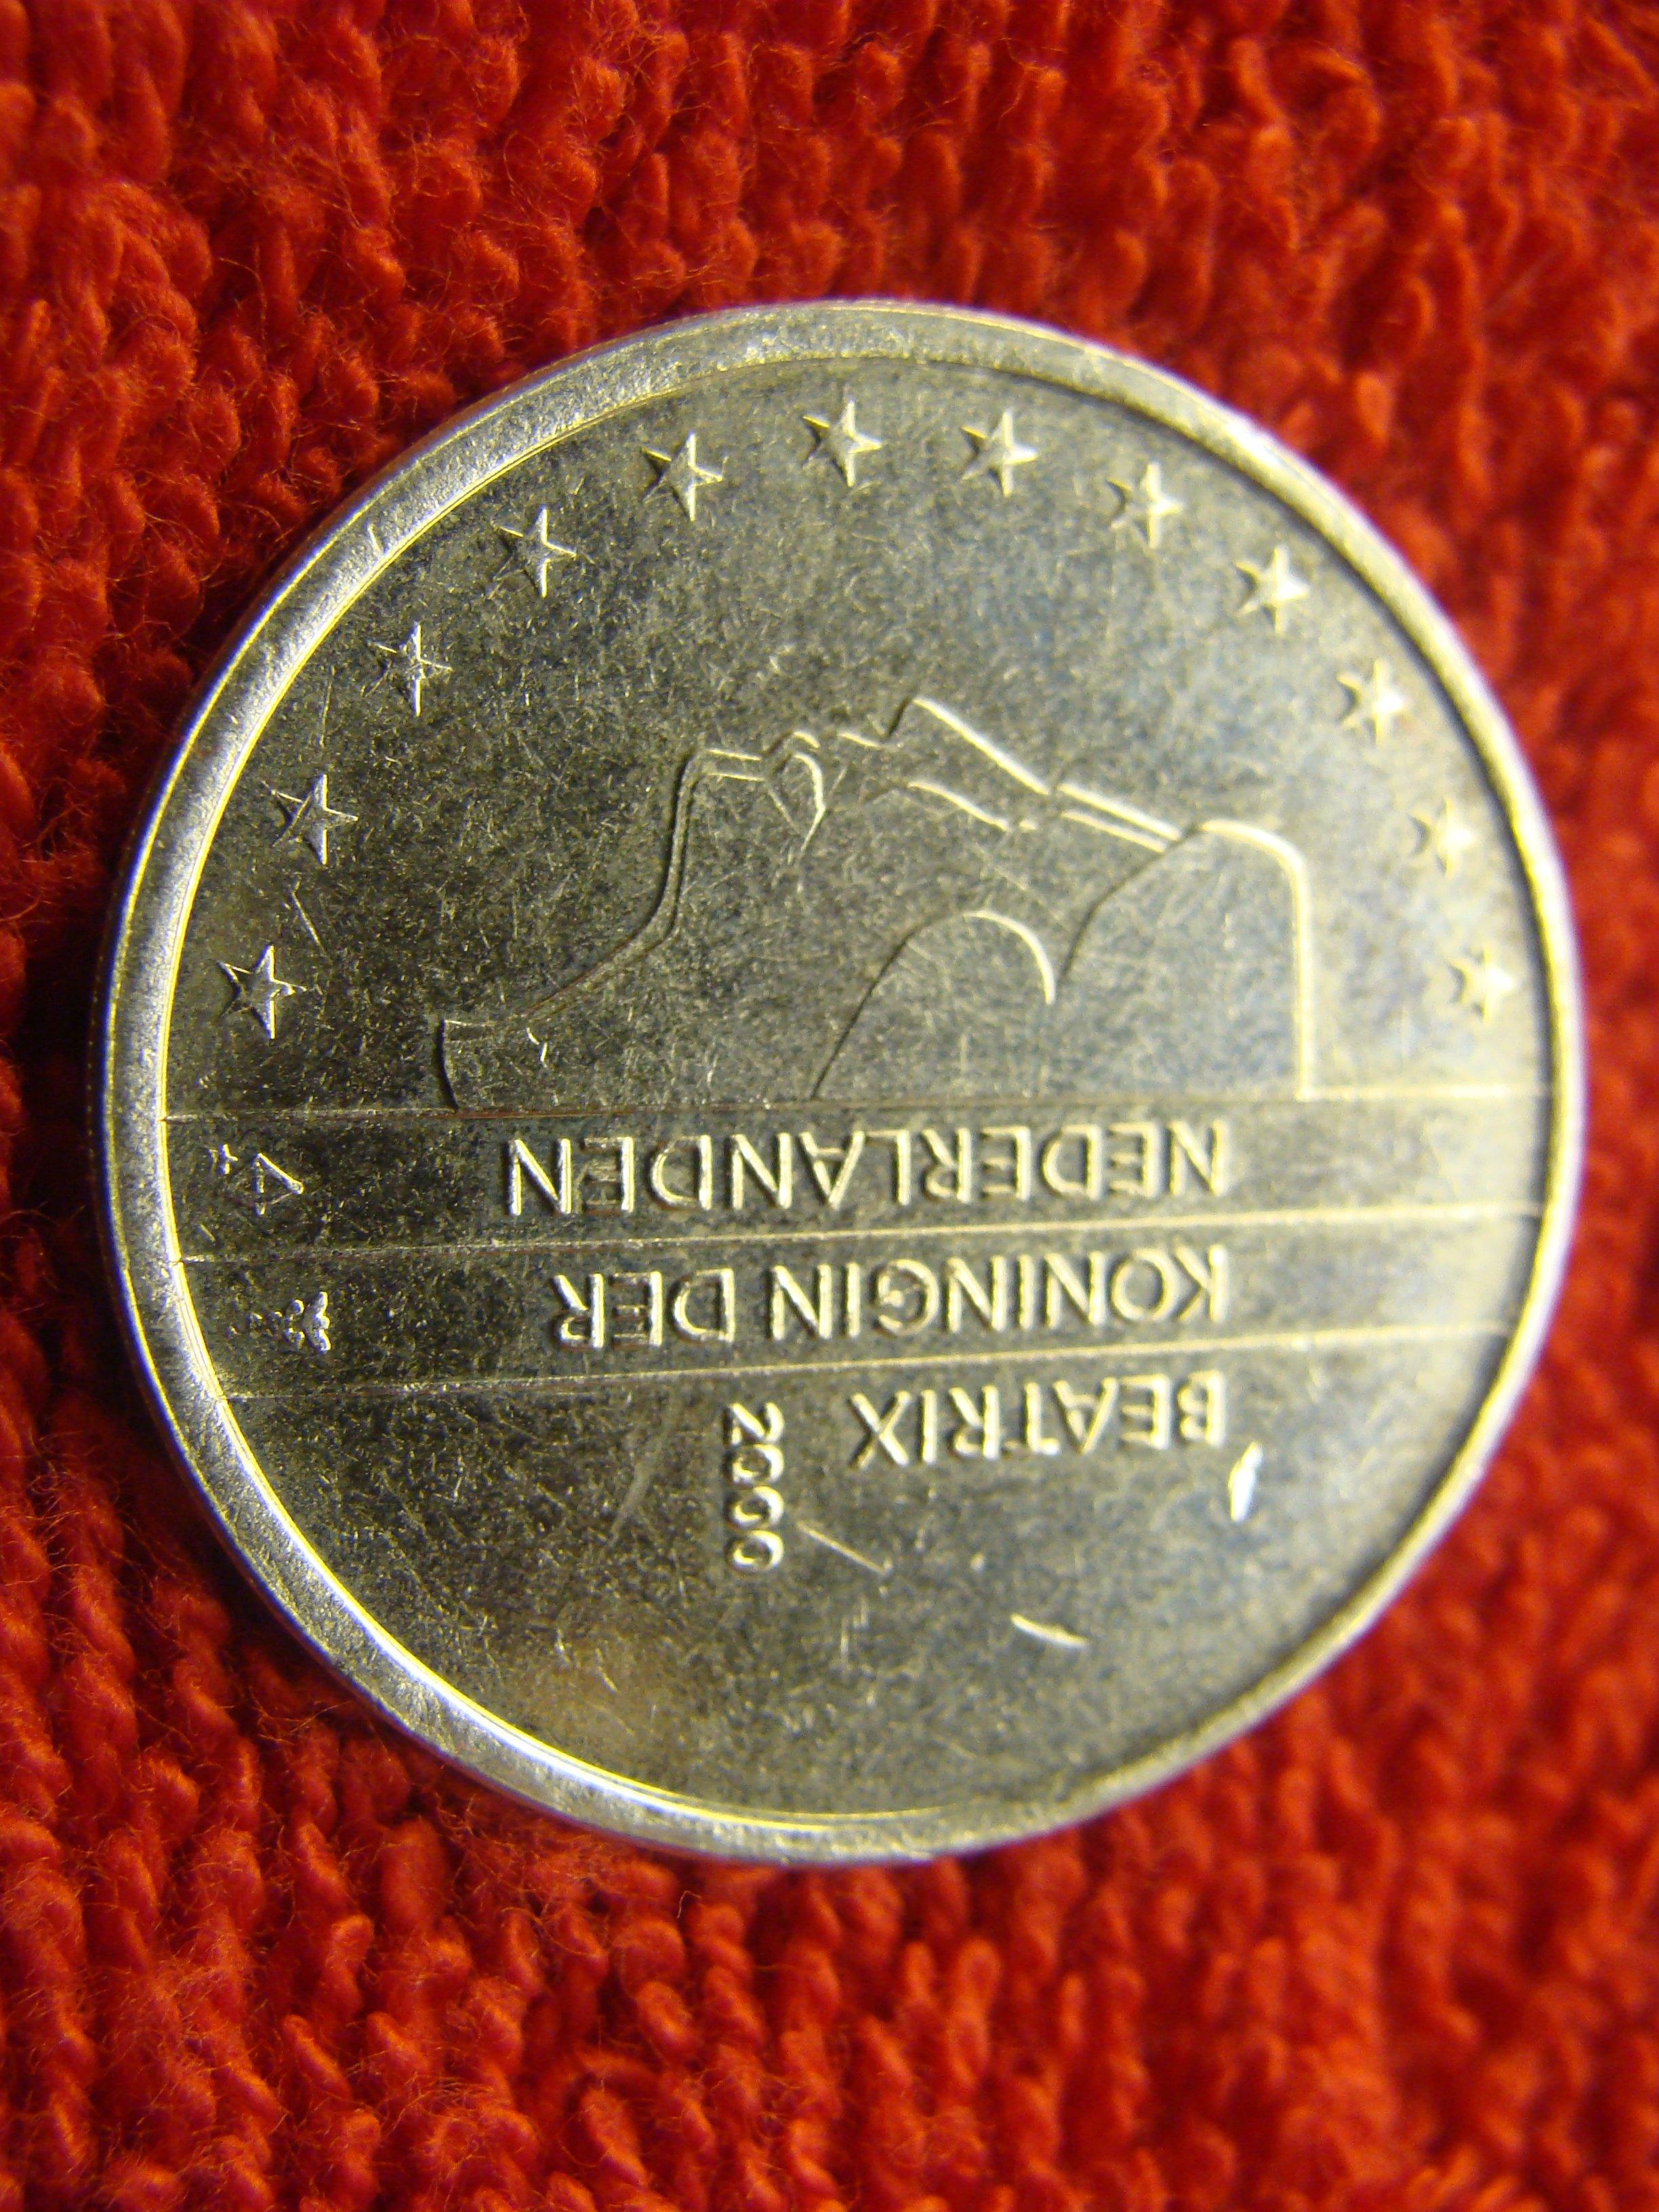 2x Seltene Fehlprägung 2 Euro Niederlande